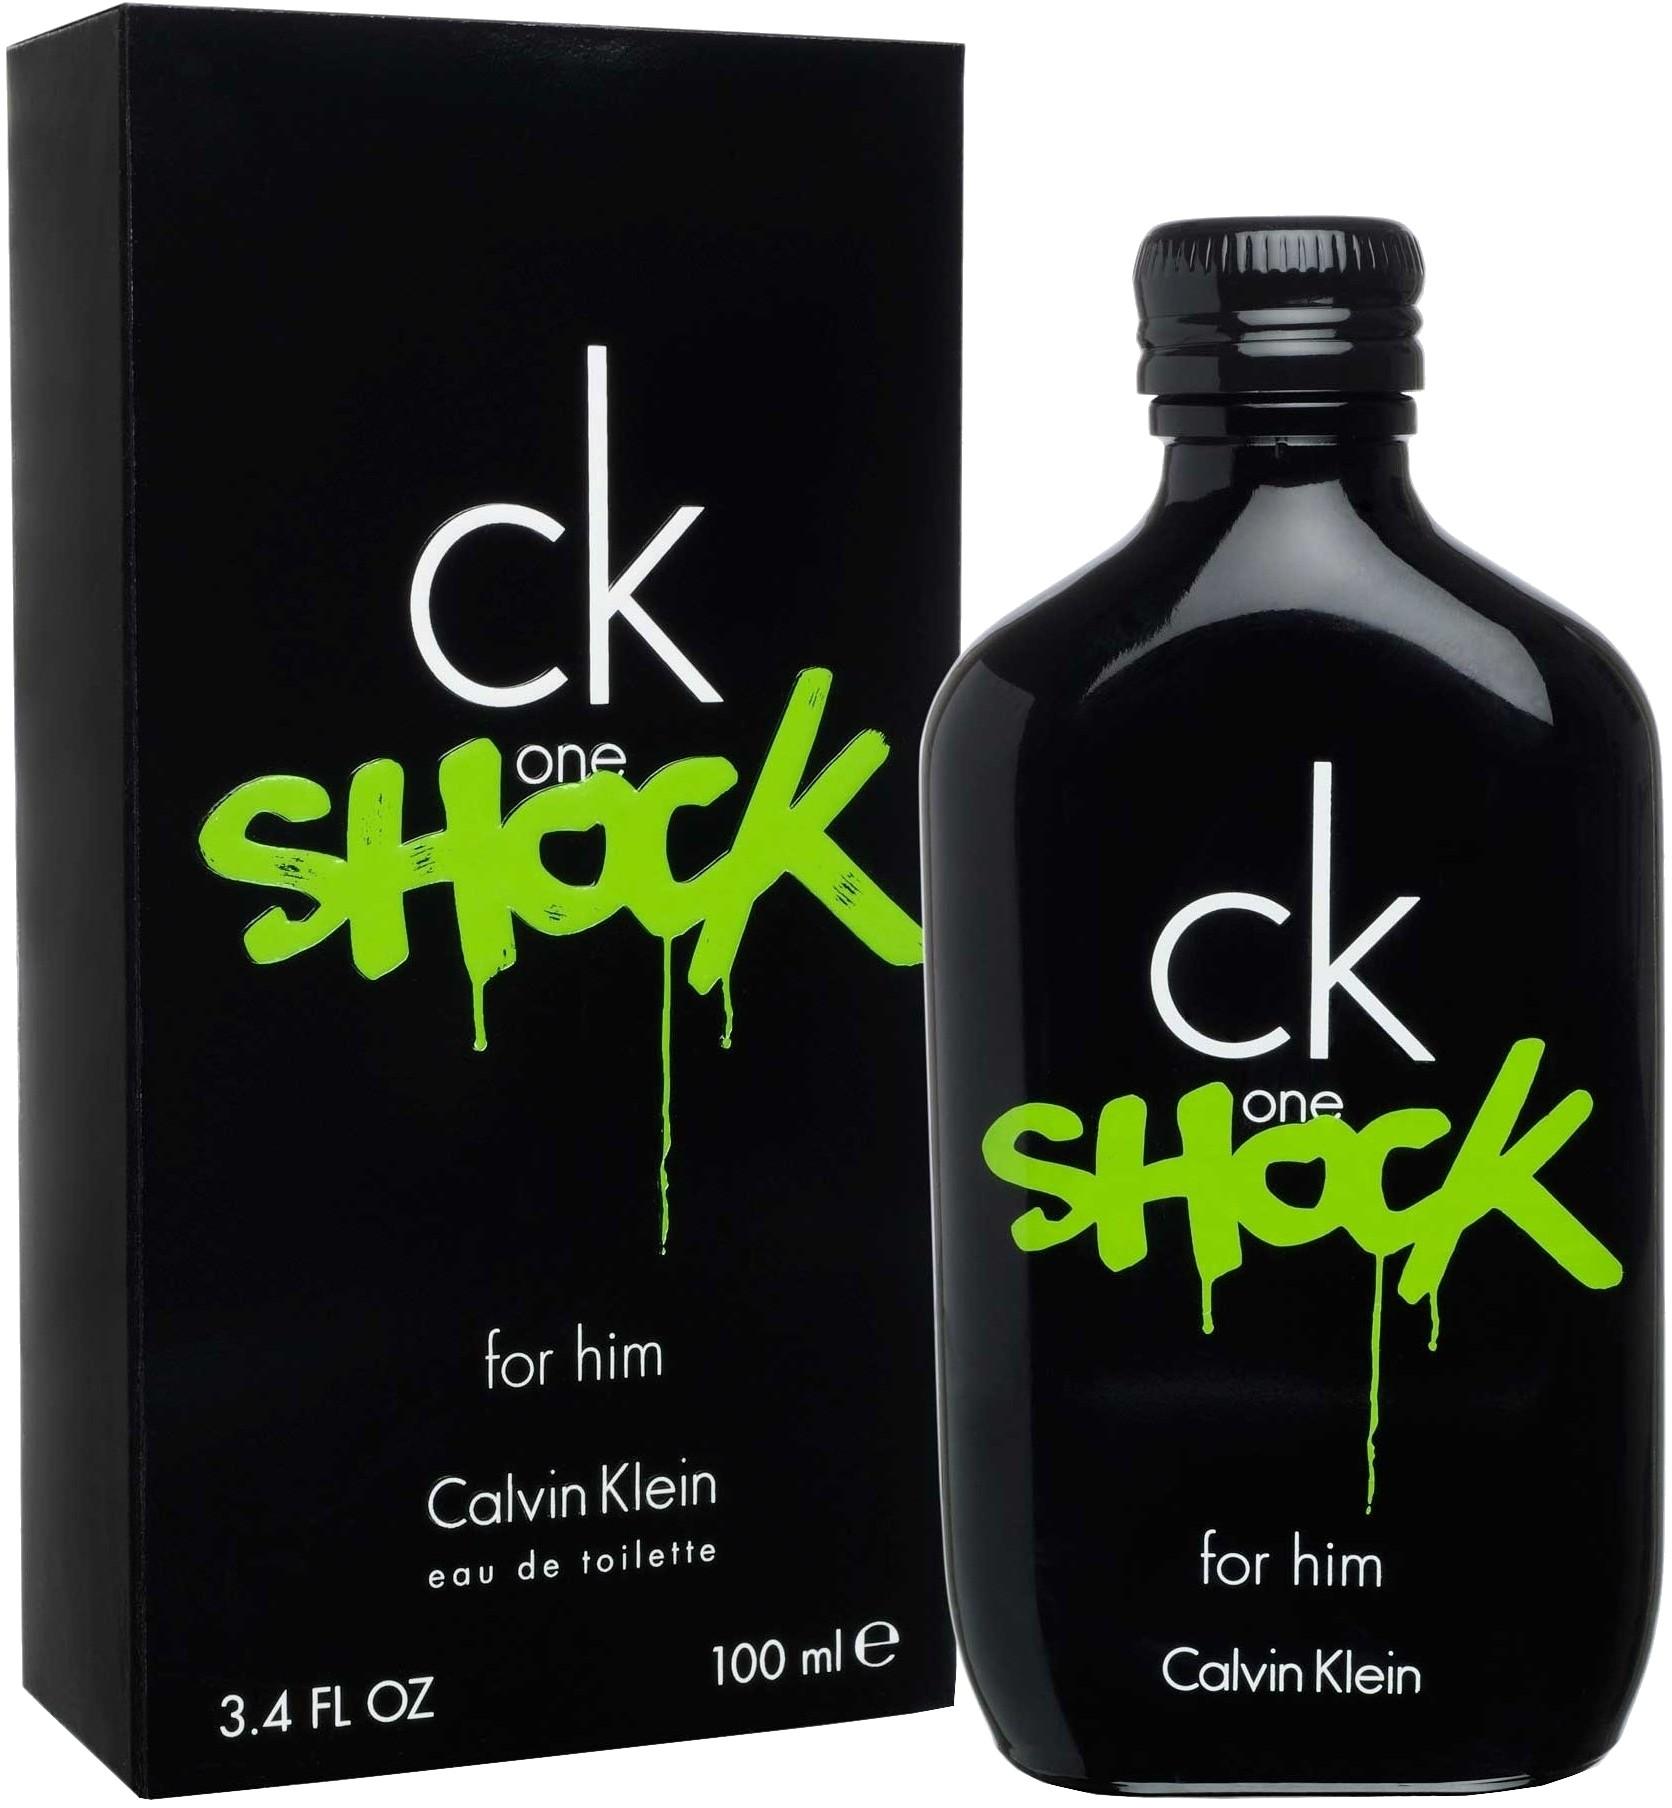 80ebbcd6cc6c9e Details about CK One Shock by Calvin Klein for Men Eau De Toilette 3.4 fl  oz 100 ml